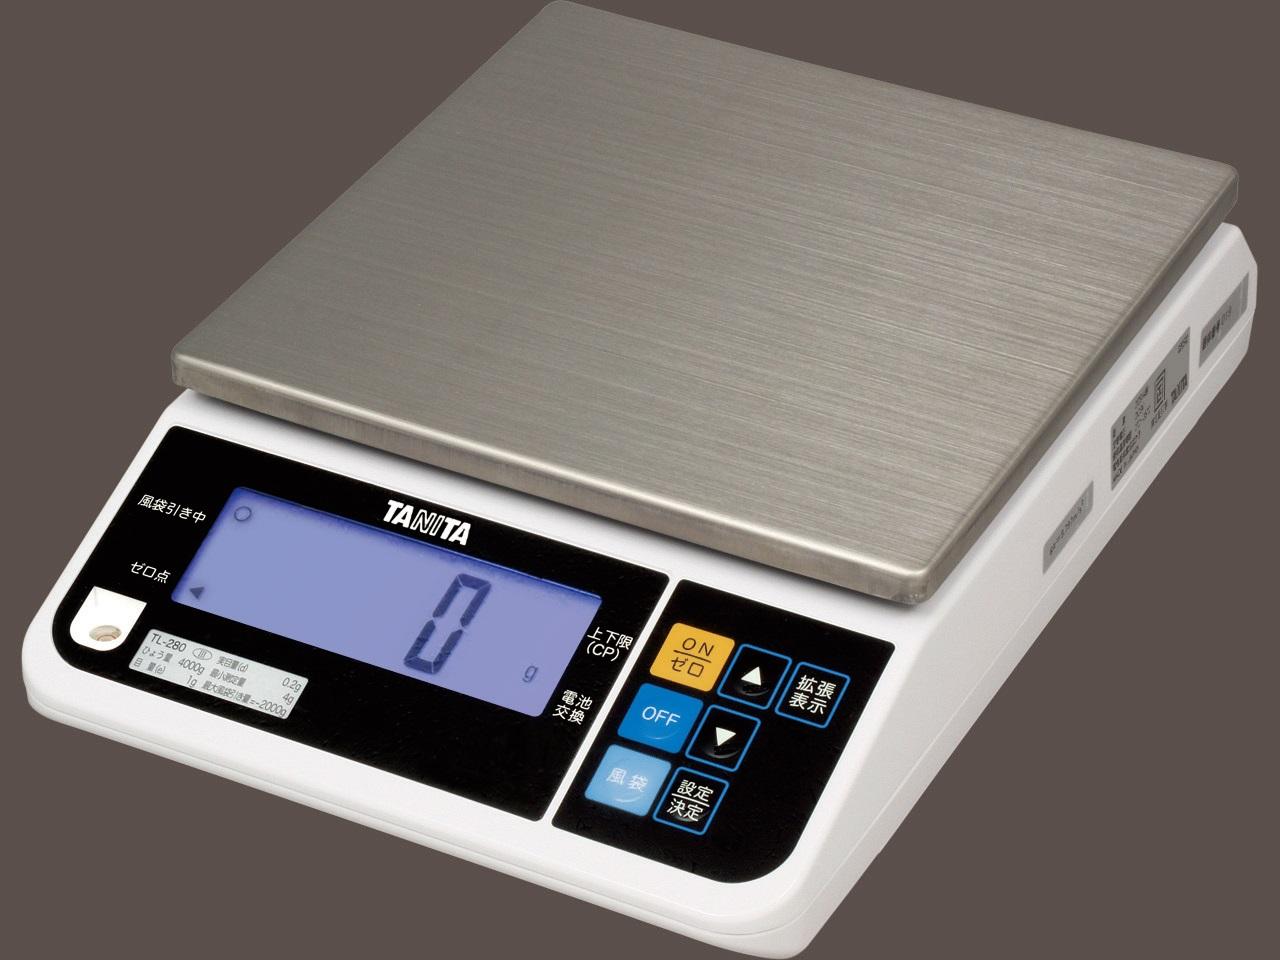 【�潟^ニタ】デジタルスケール TL-290  4000g  対面表示・USBポート付・取引証明用